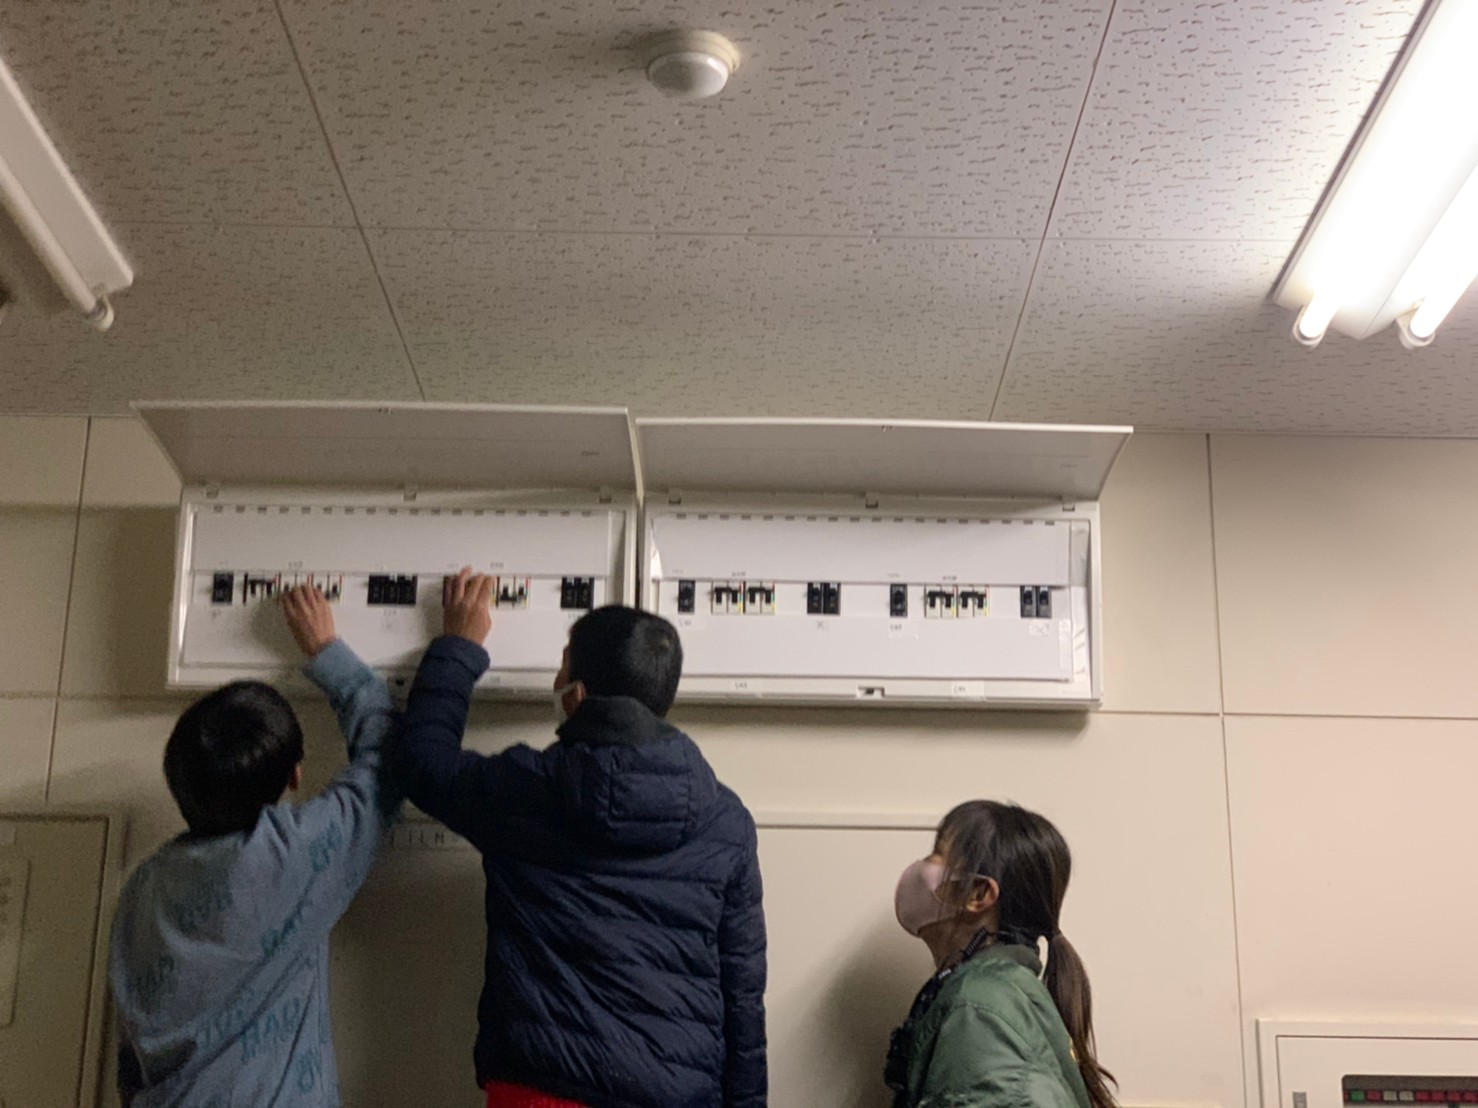 兵庫県神戸市の防災への取り組み小学生が燃料電池自動車から電気を送る停電時の訓練を実施